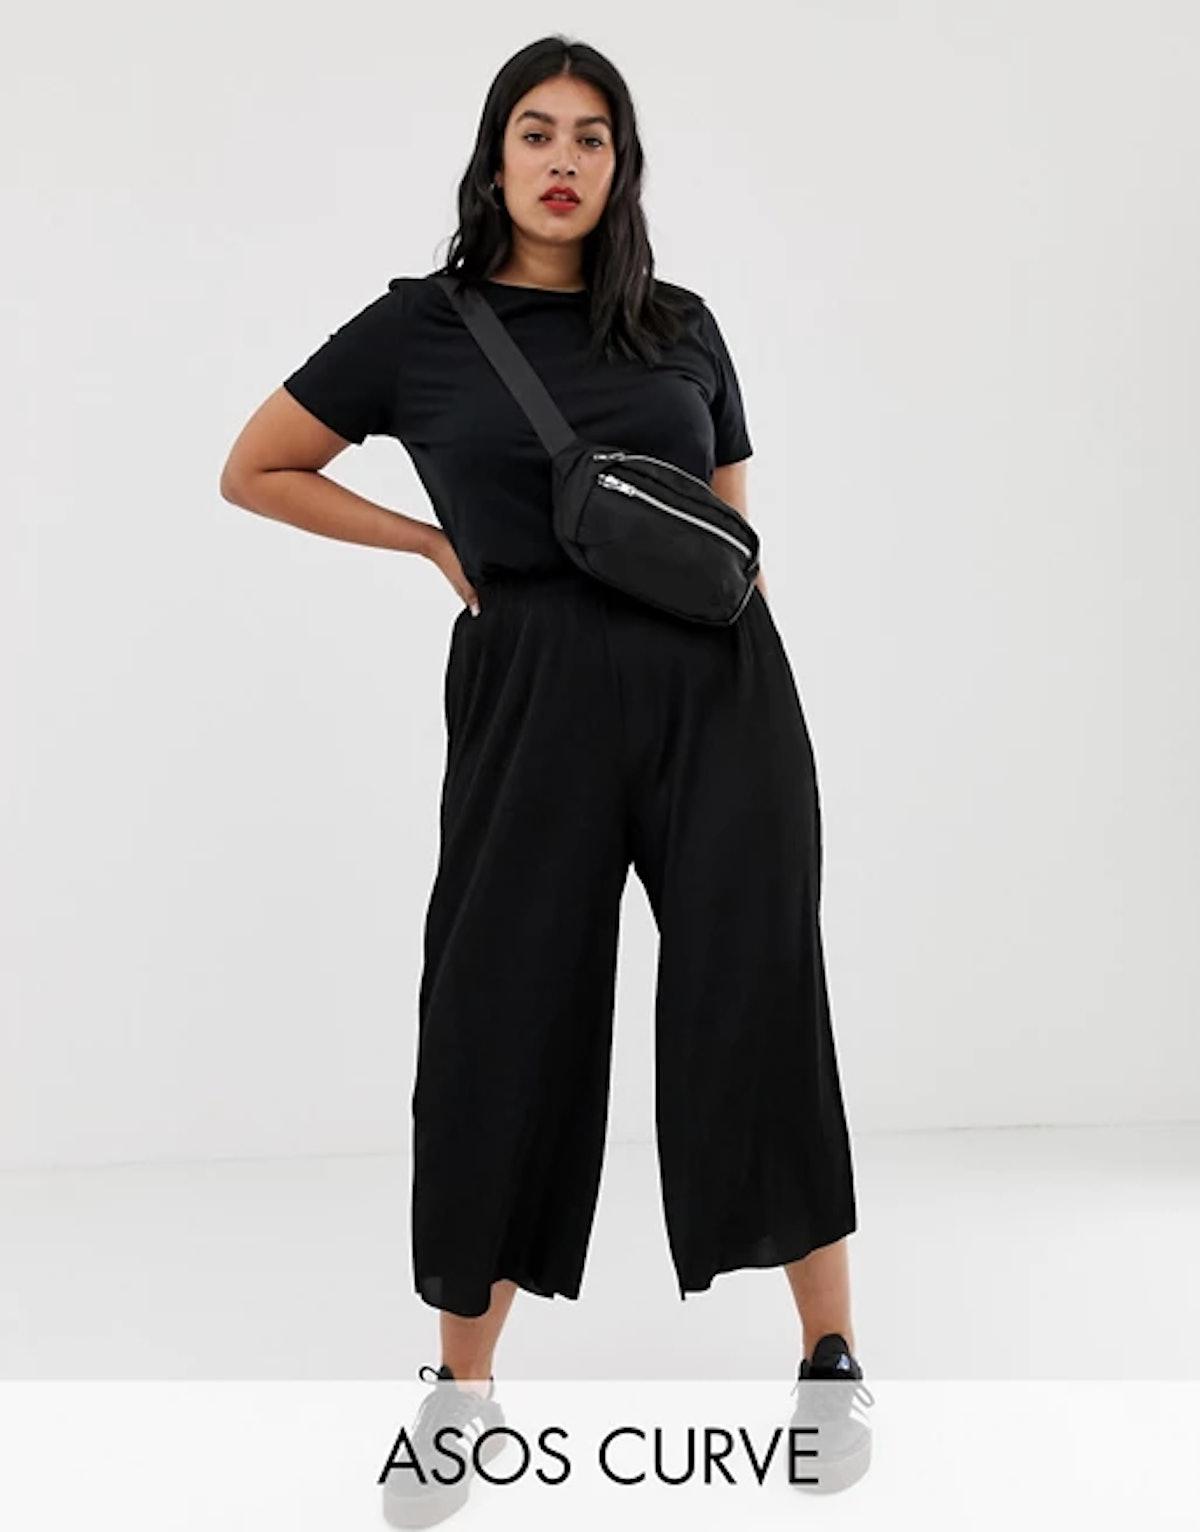 ASOS Designs Curve Plisse Culotte Pants